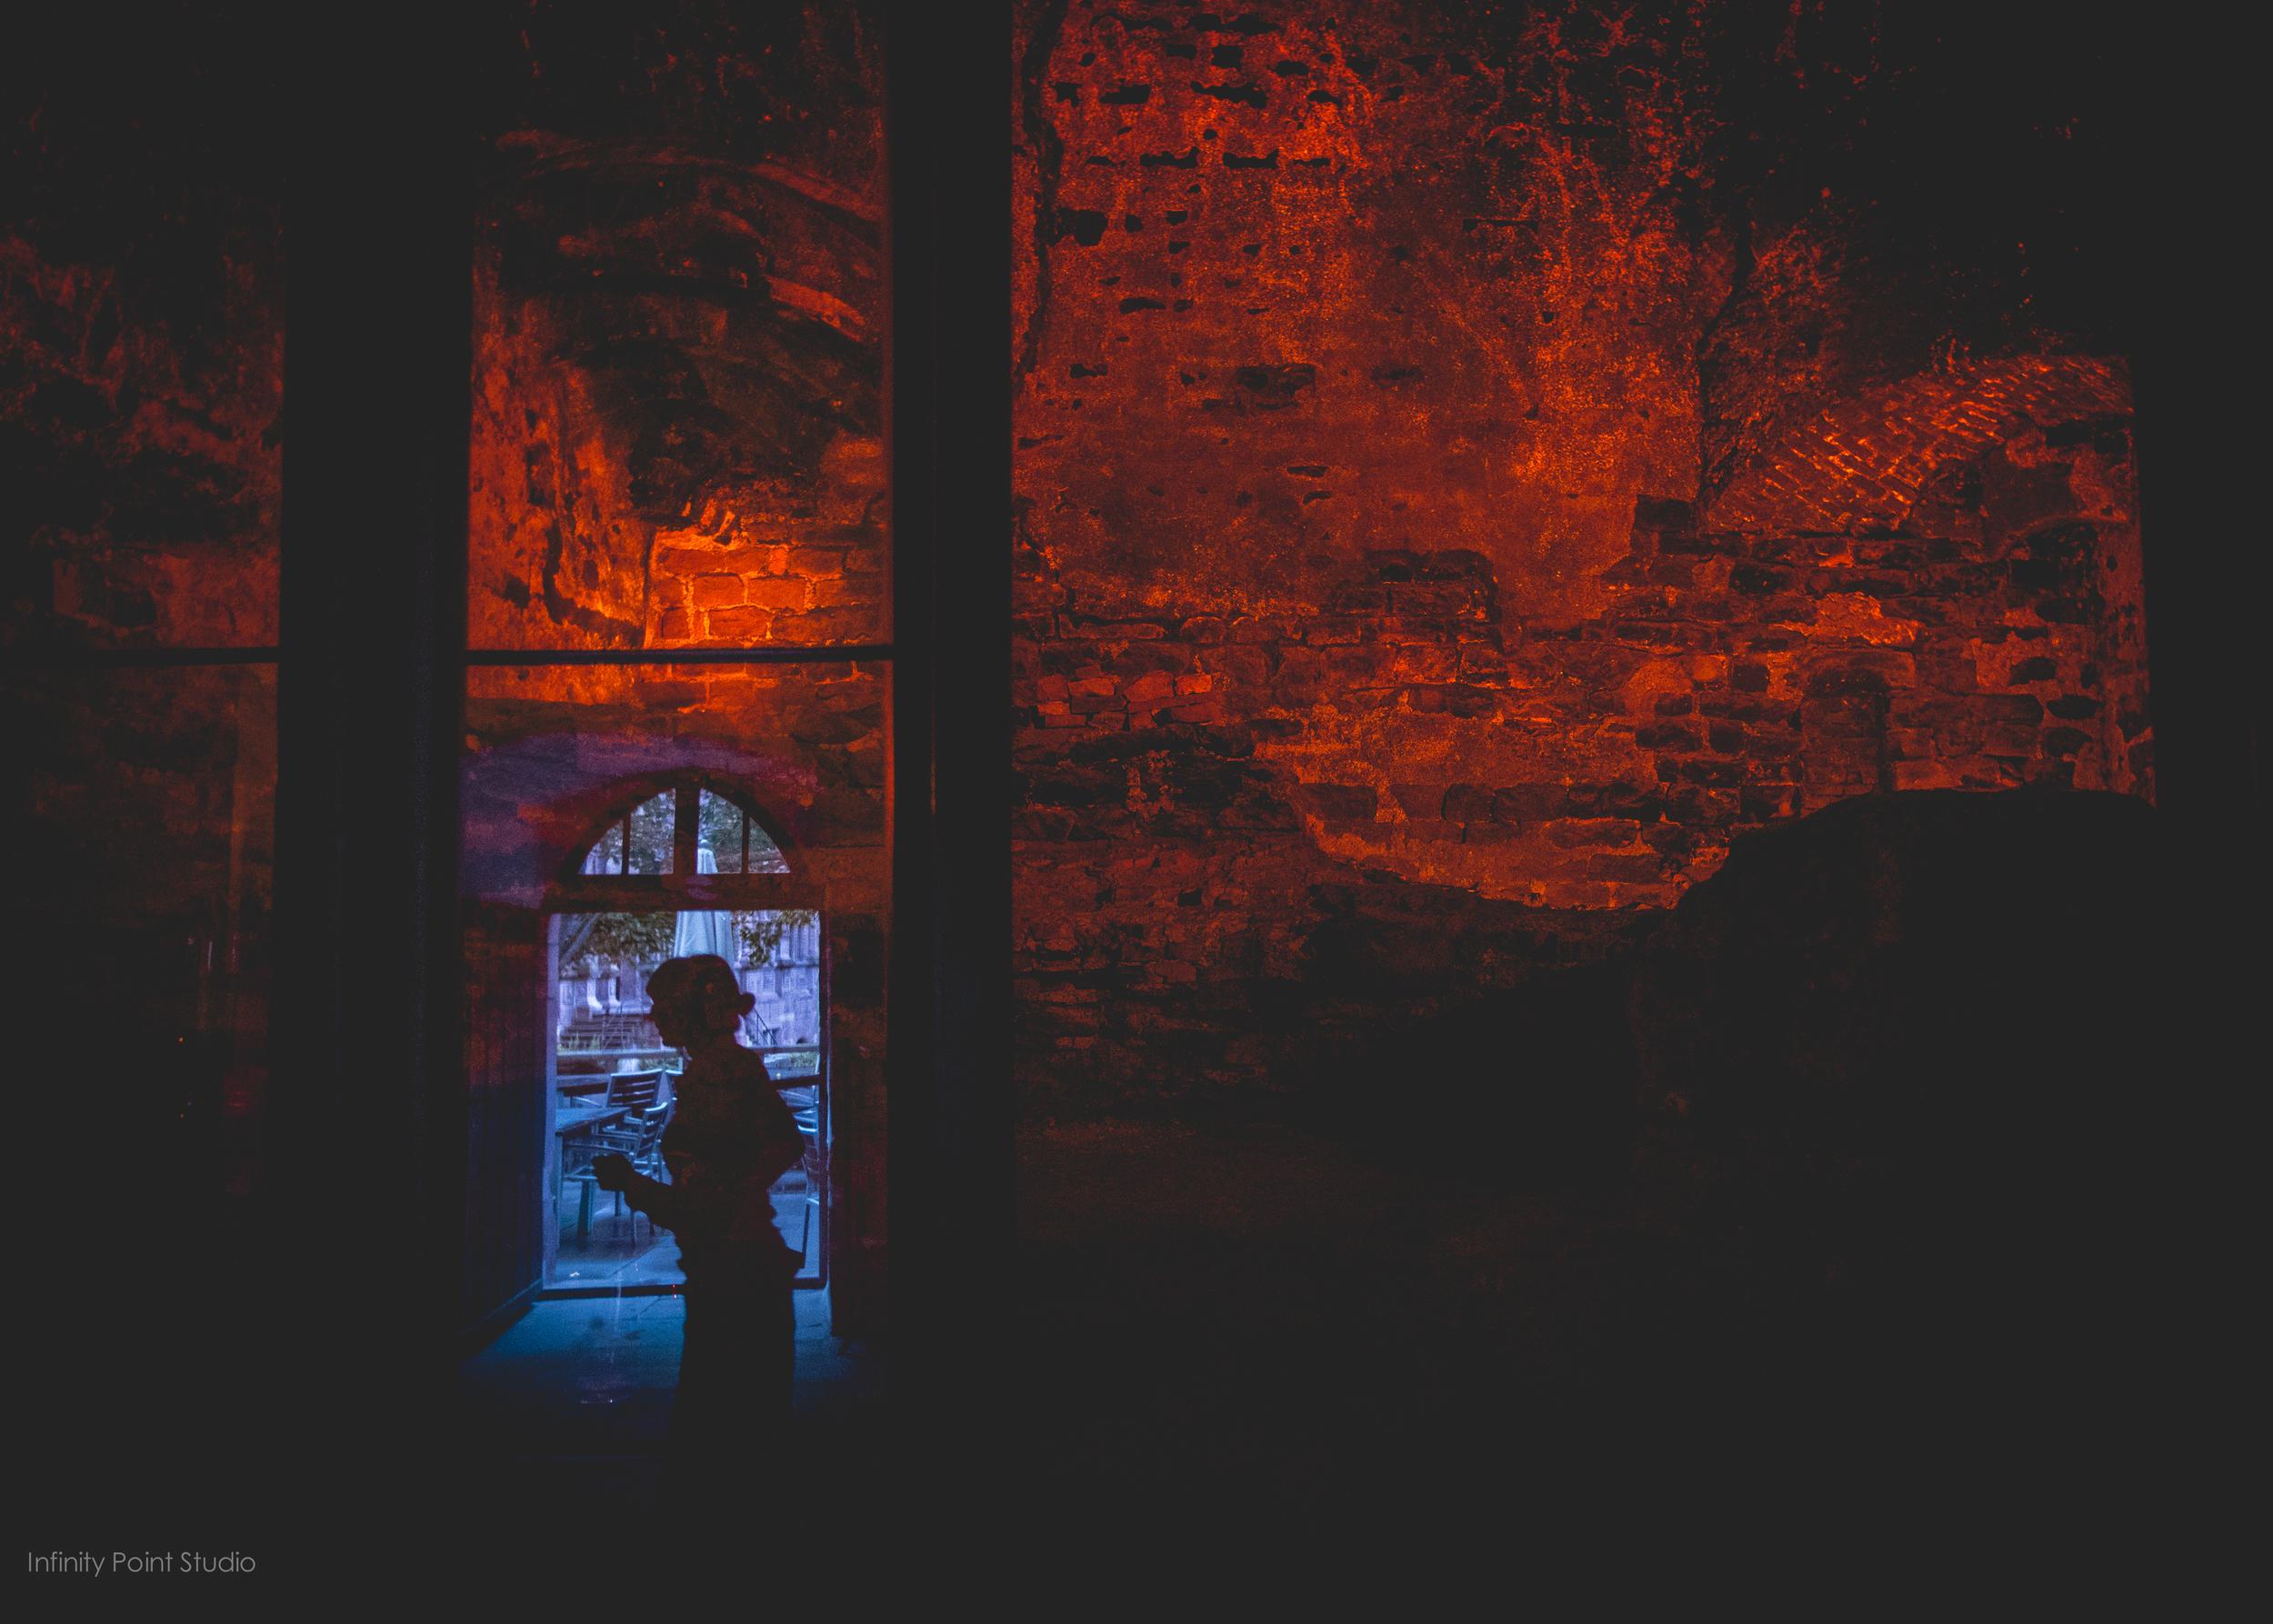 Inside the original 14th century oven at Schloss Heidelberg